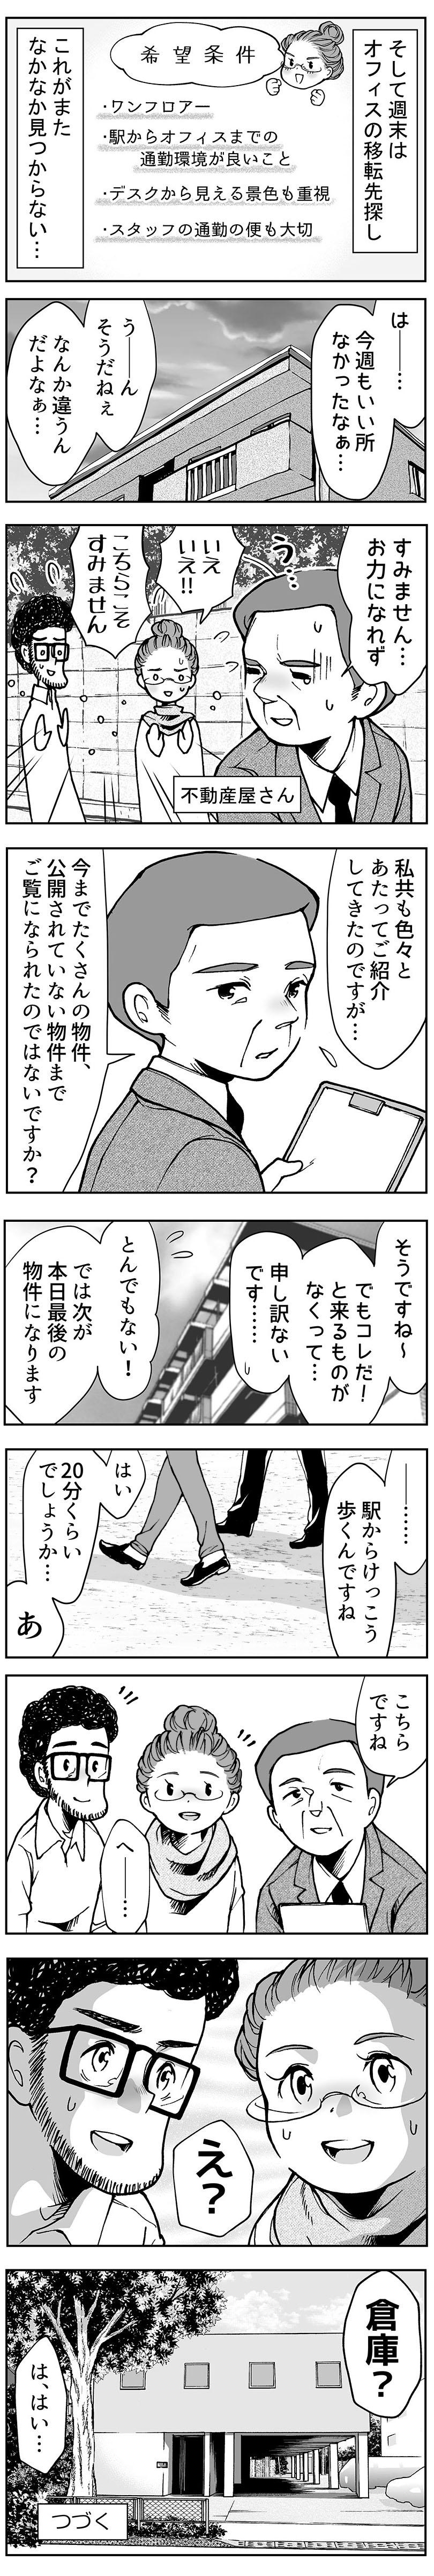 46-3.jpg